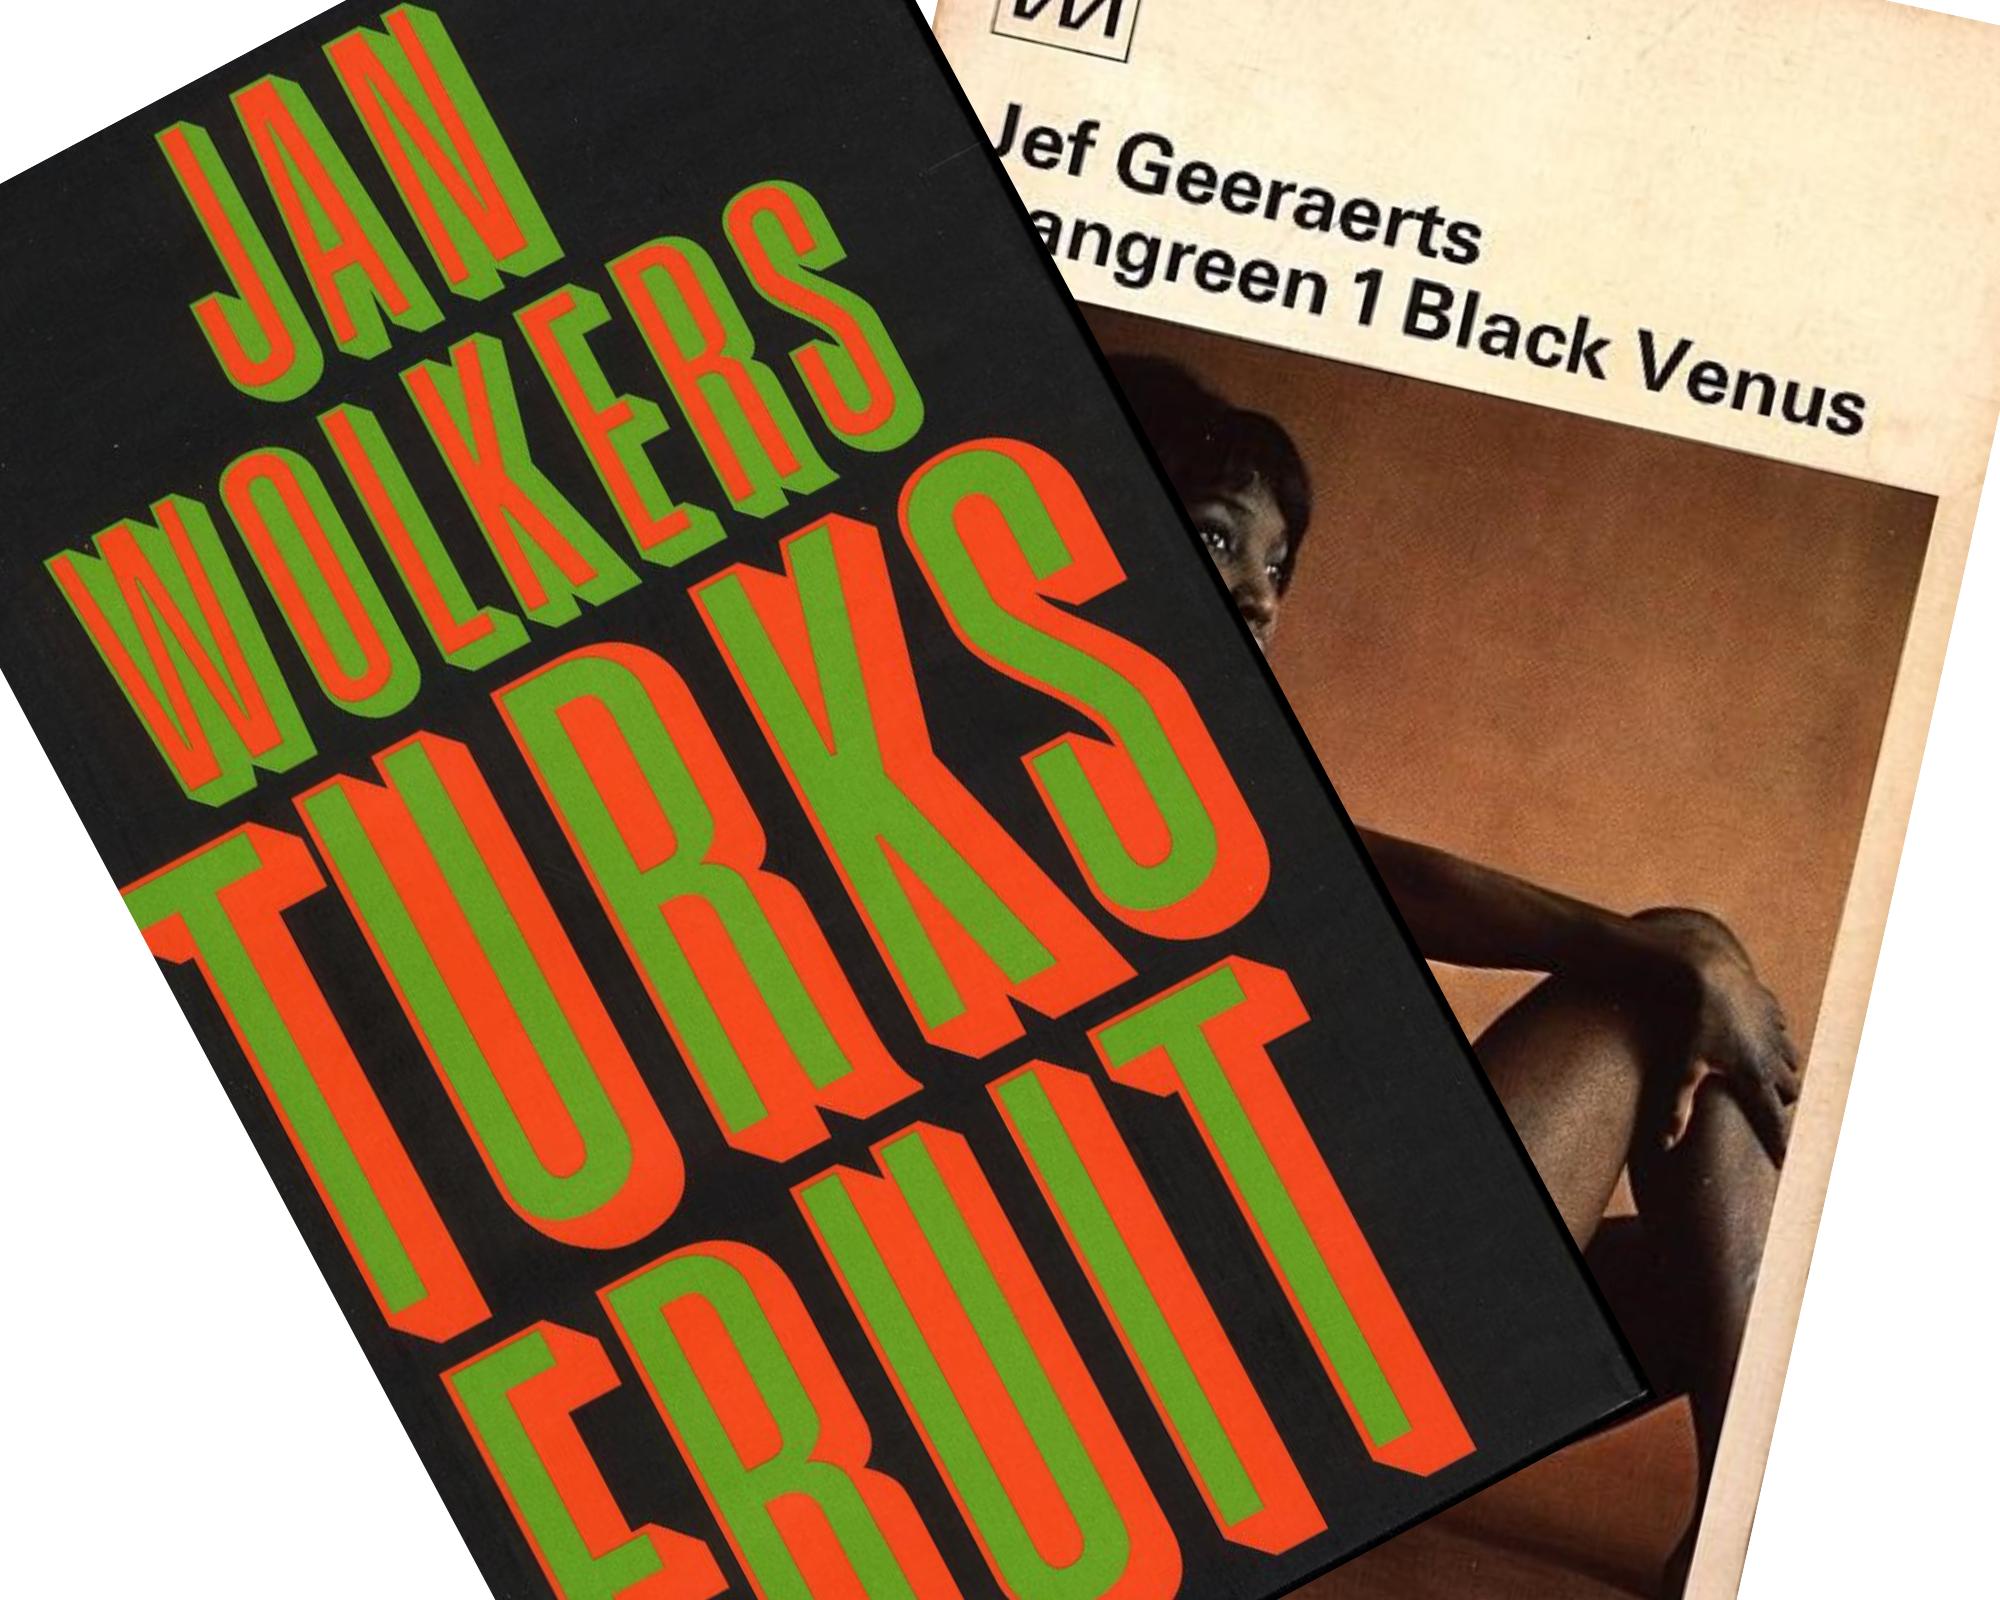 Turks fruit en Black Venus